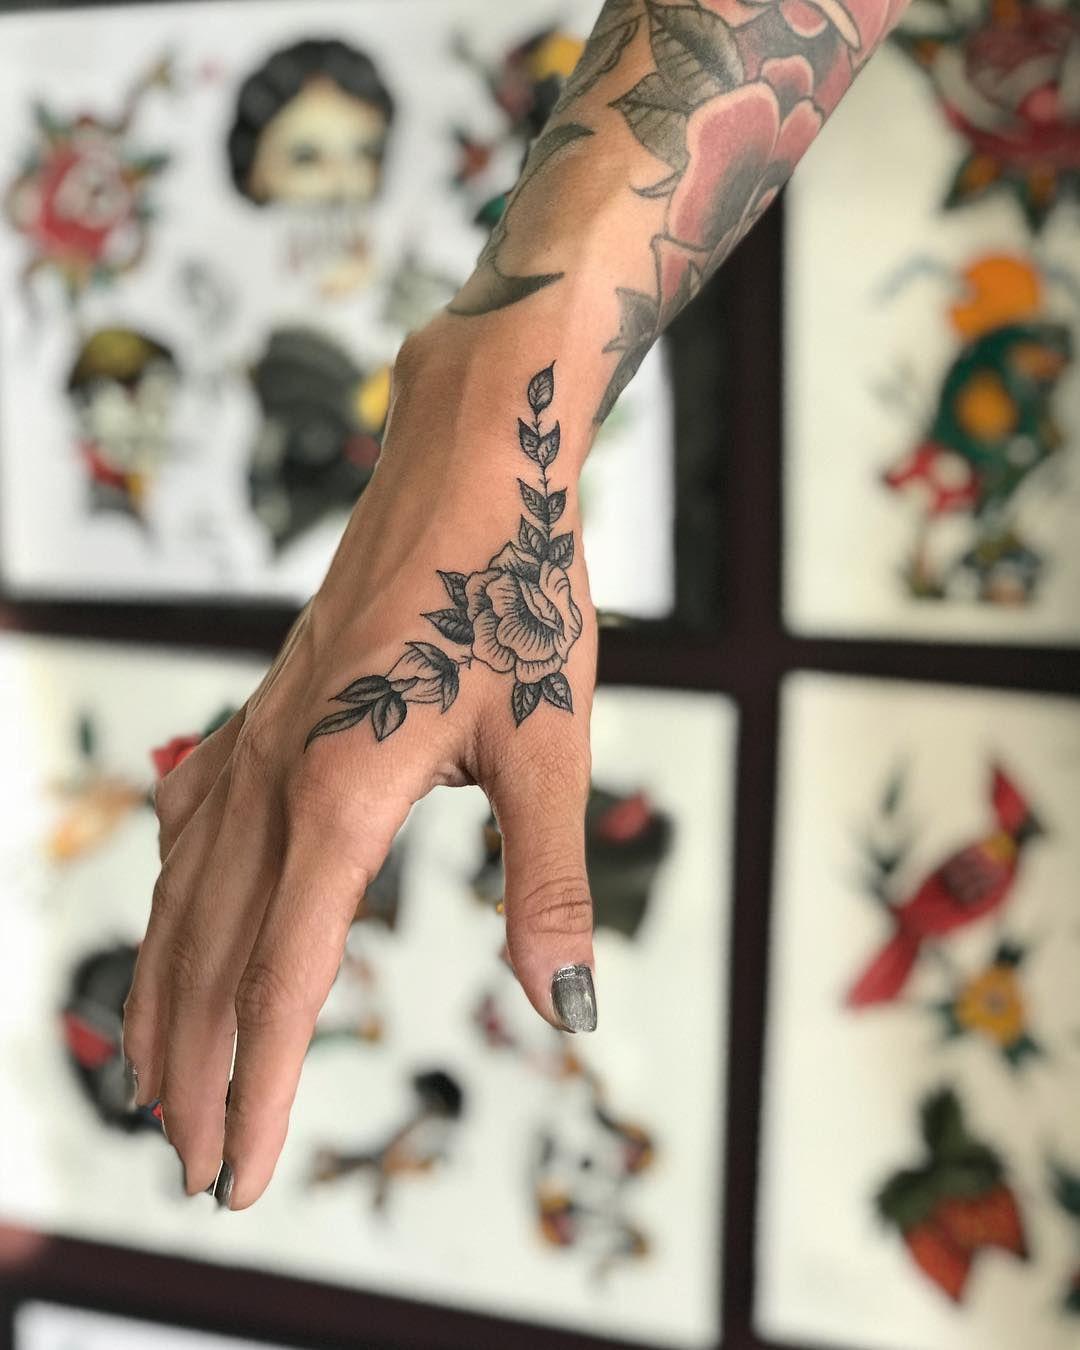 """Dr. Mantis Toboggan, MD on Instagram: """"for tattoos email: mannysmash@gmail.com thanks. #traditionaltattoo #traditionalartist  #traditionalkings #traditionaltattoos…"""""""